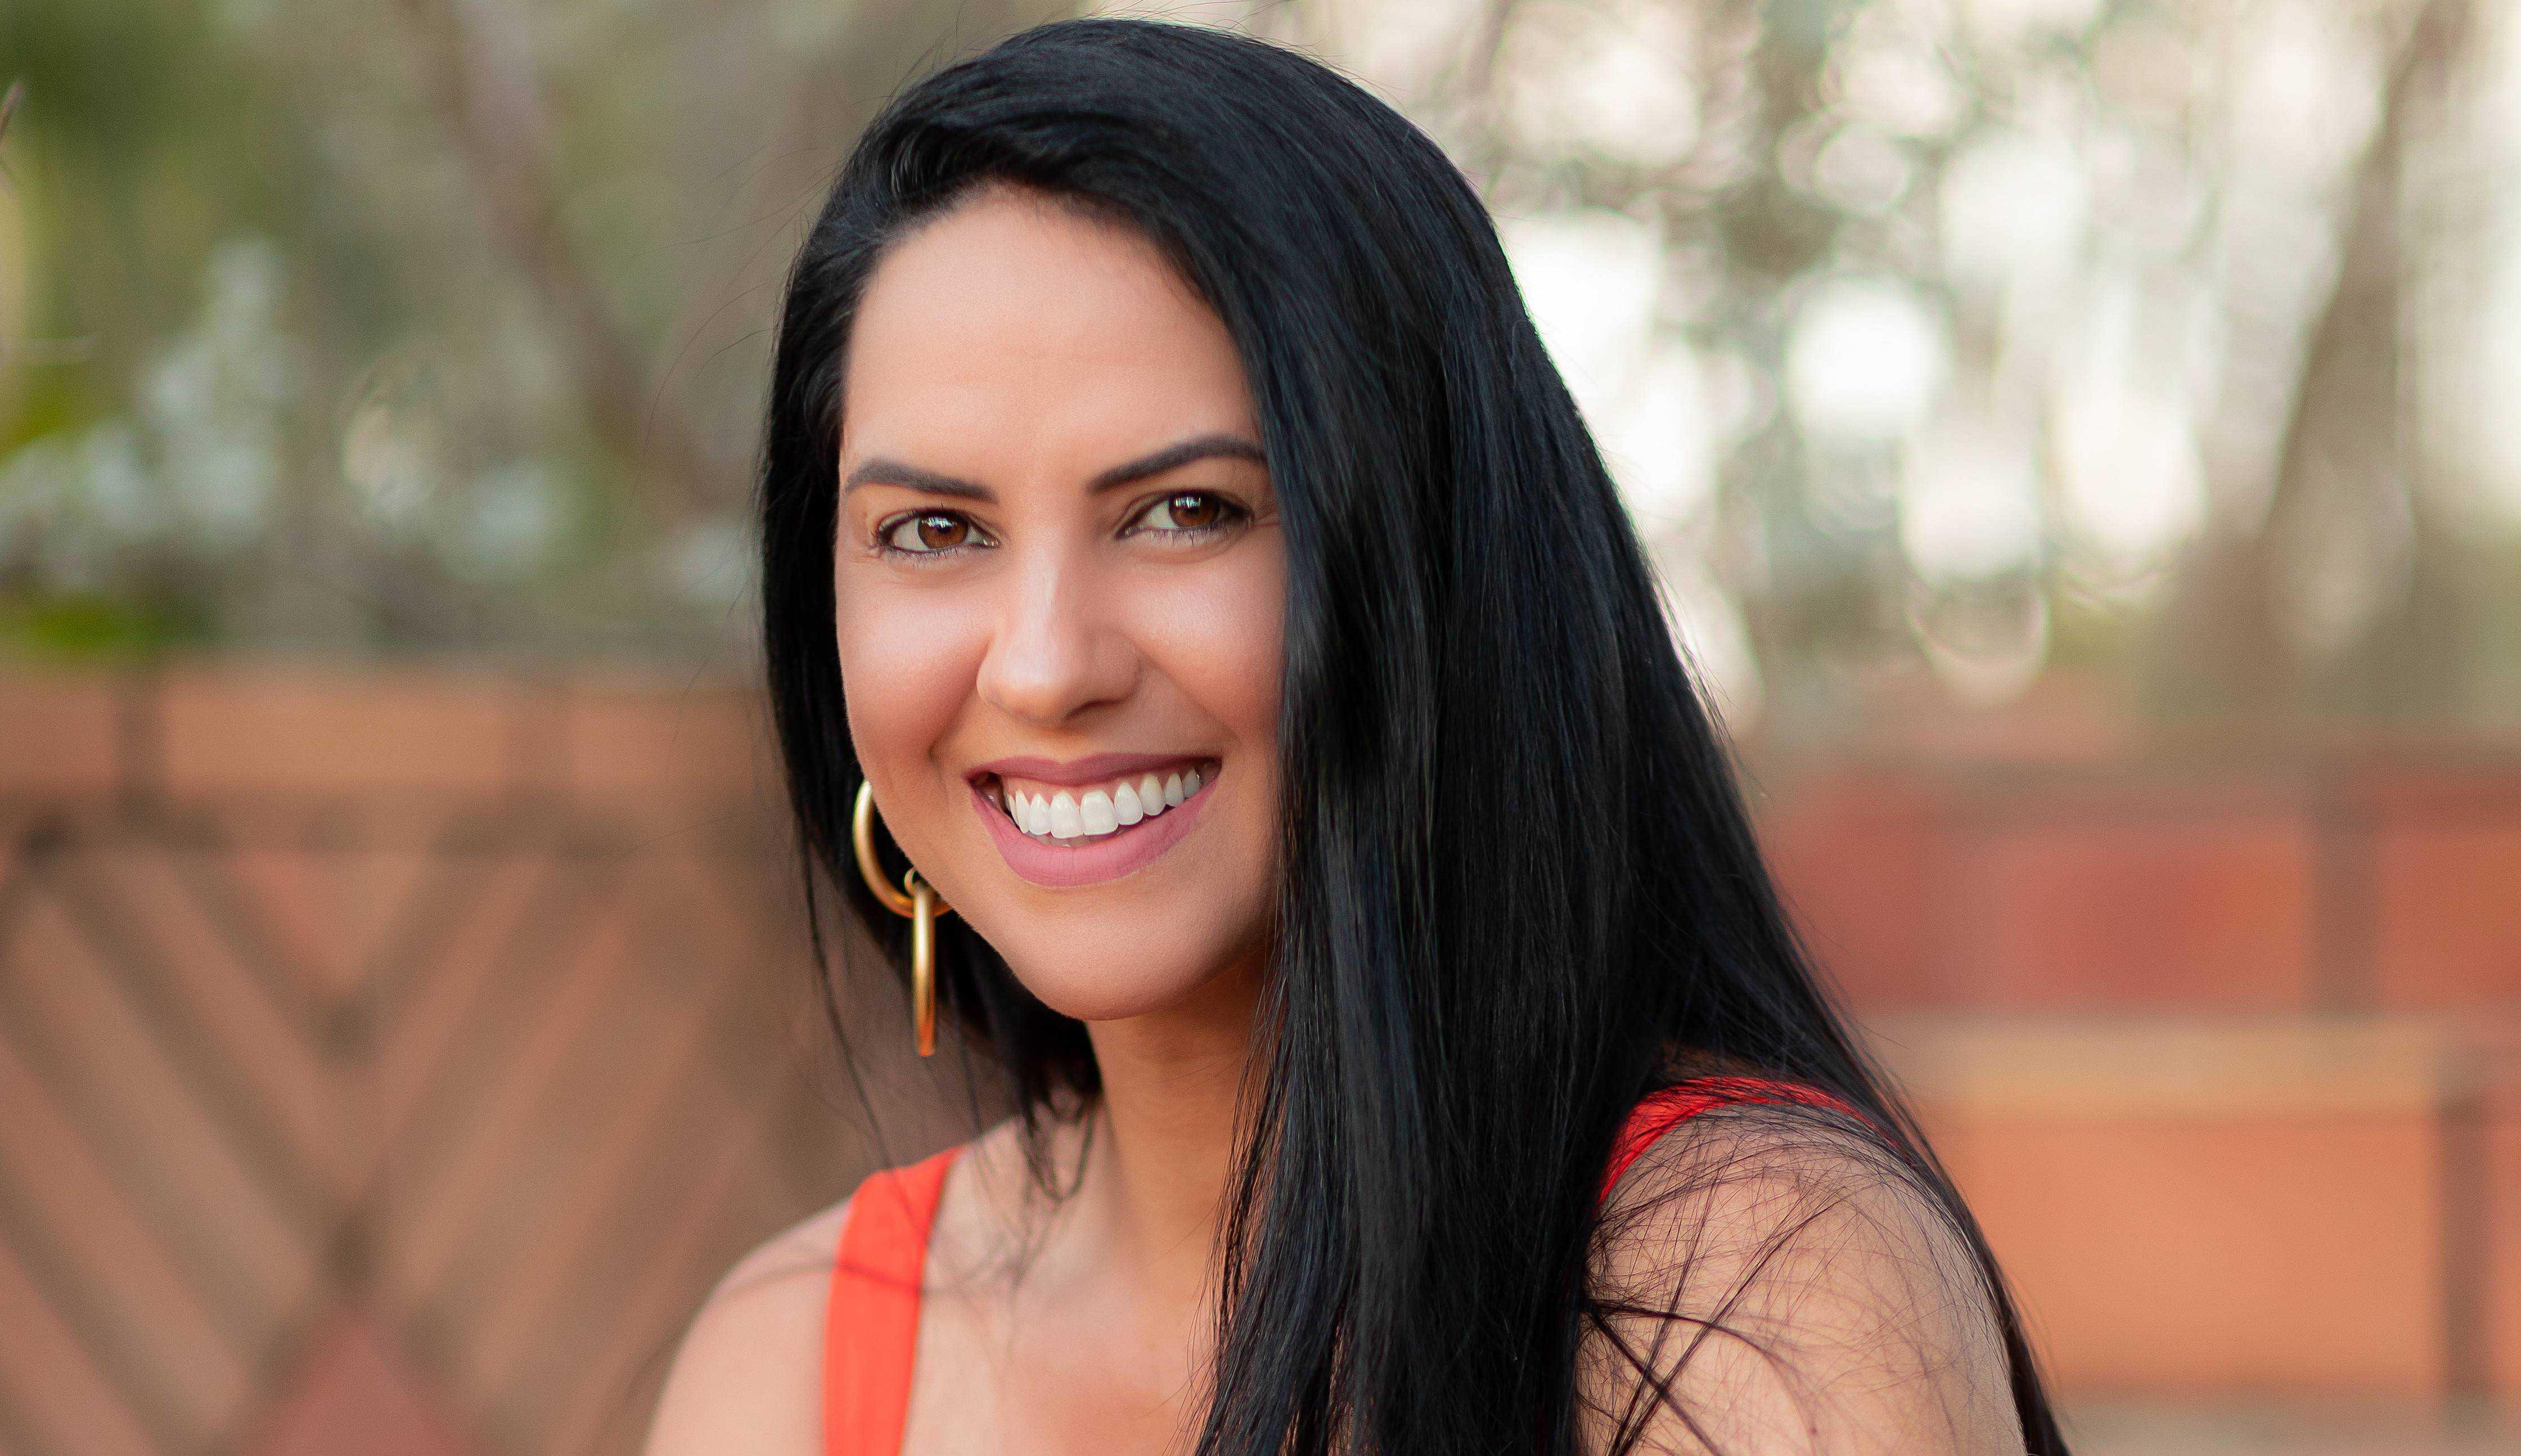 Graciele Lacerda fala sobre reeducação alimentar: 'Não precisamos abrir mão de nada'